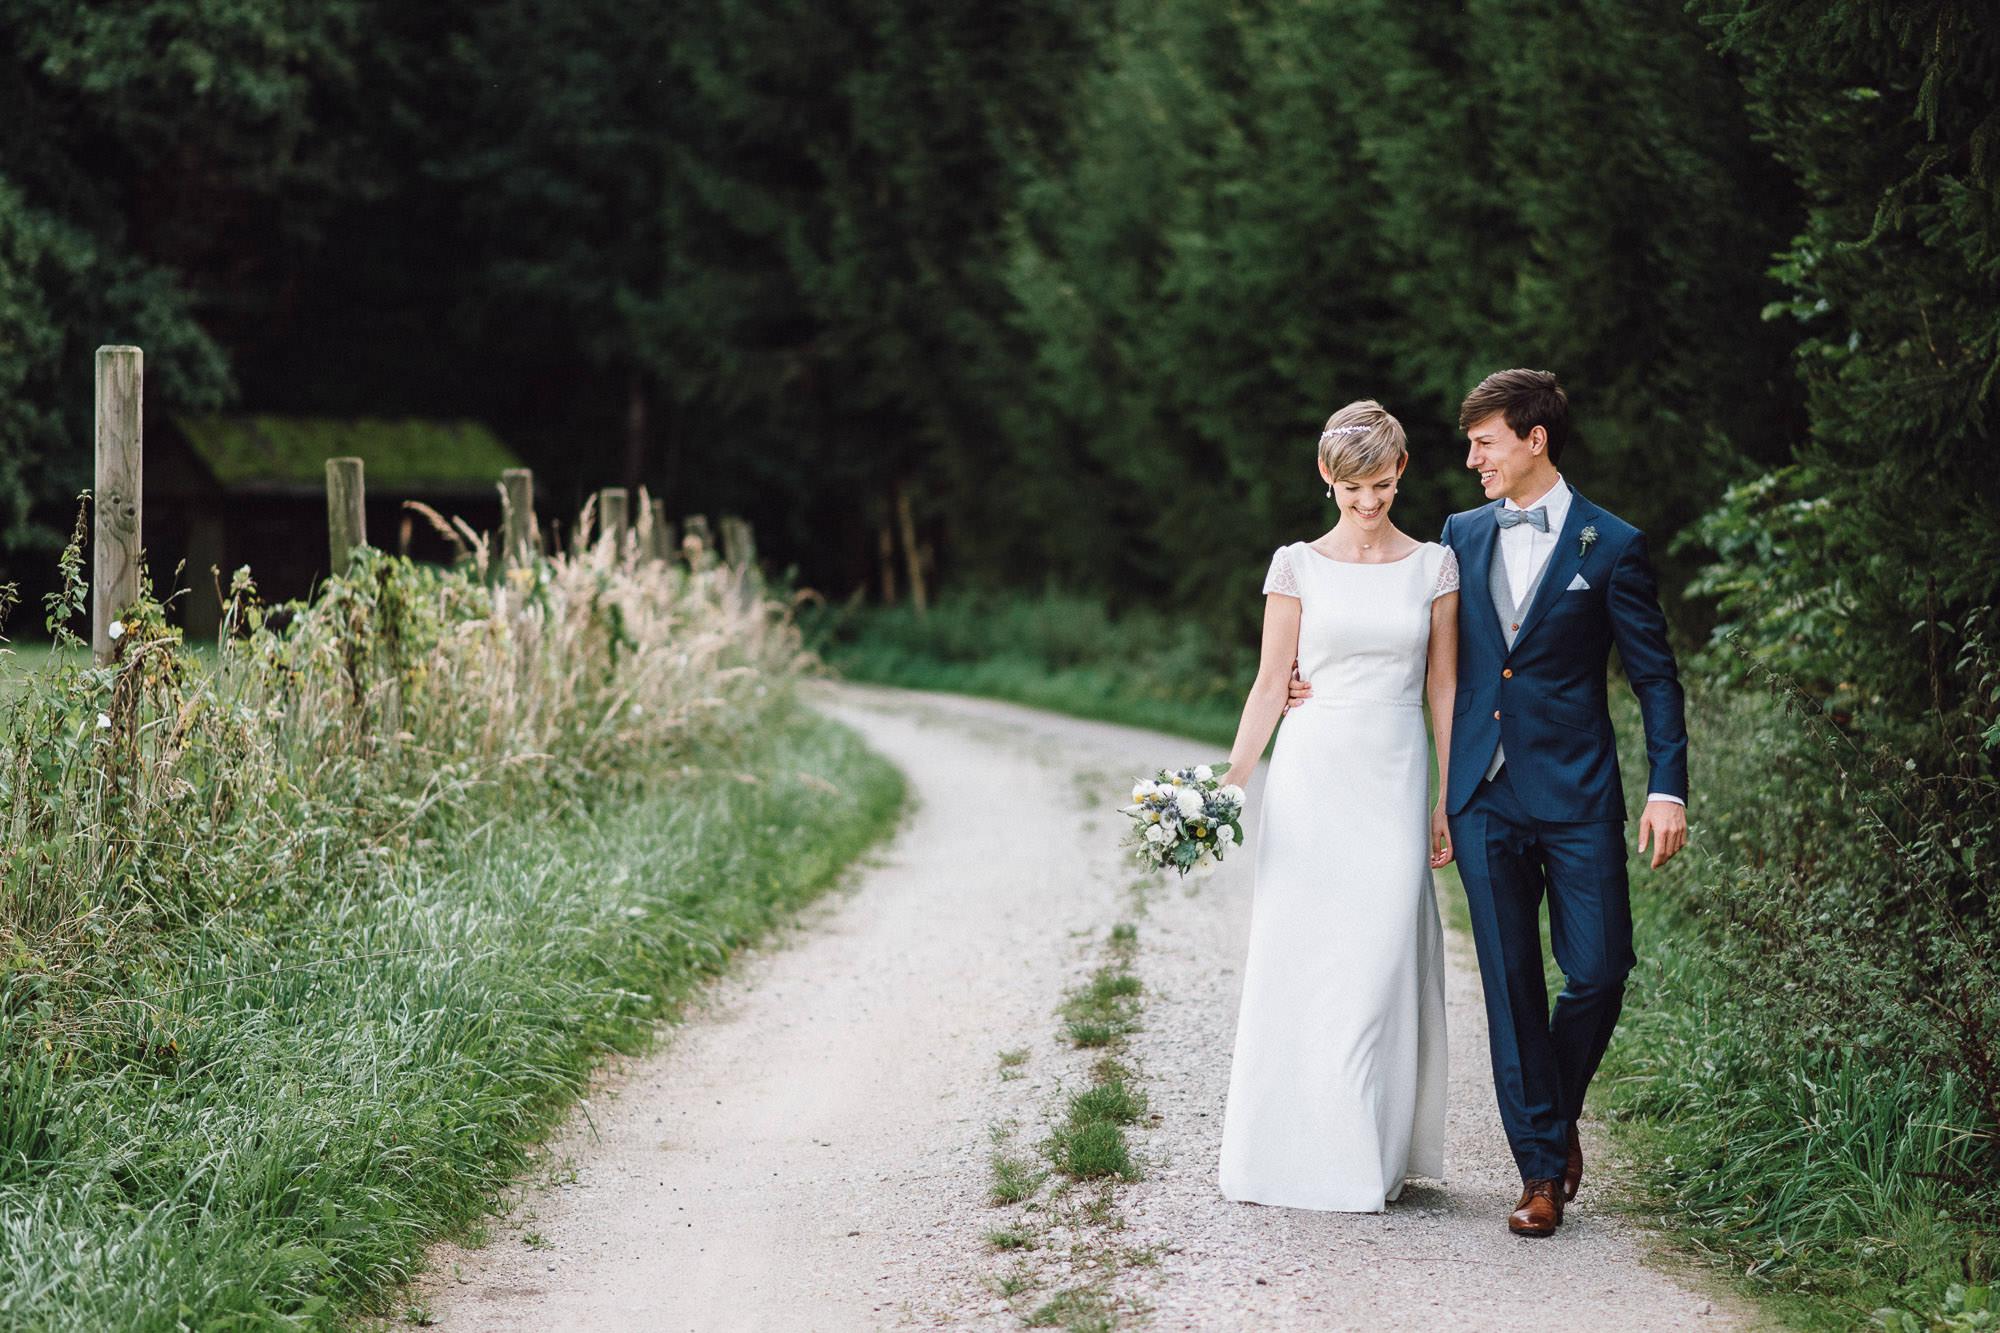 greenery-wedding-hochzeit-prielhof-sukkulenten-scheyern-lauraelenaphotography-026